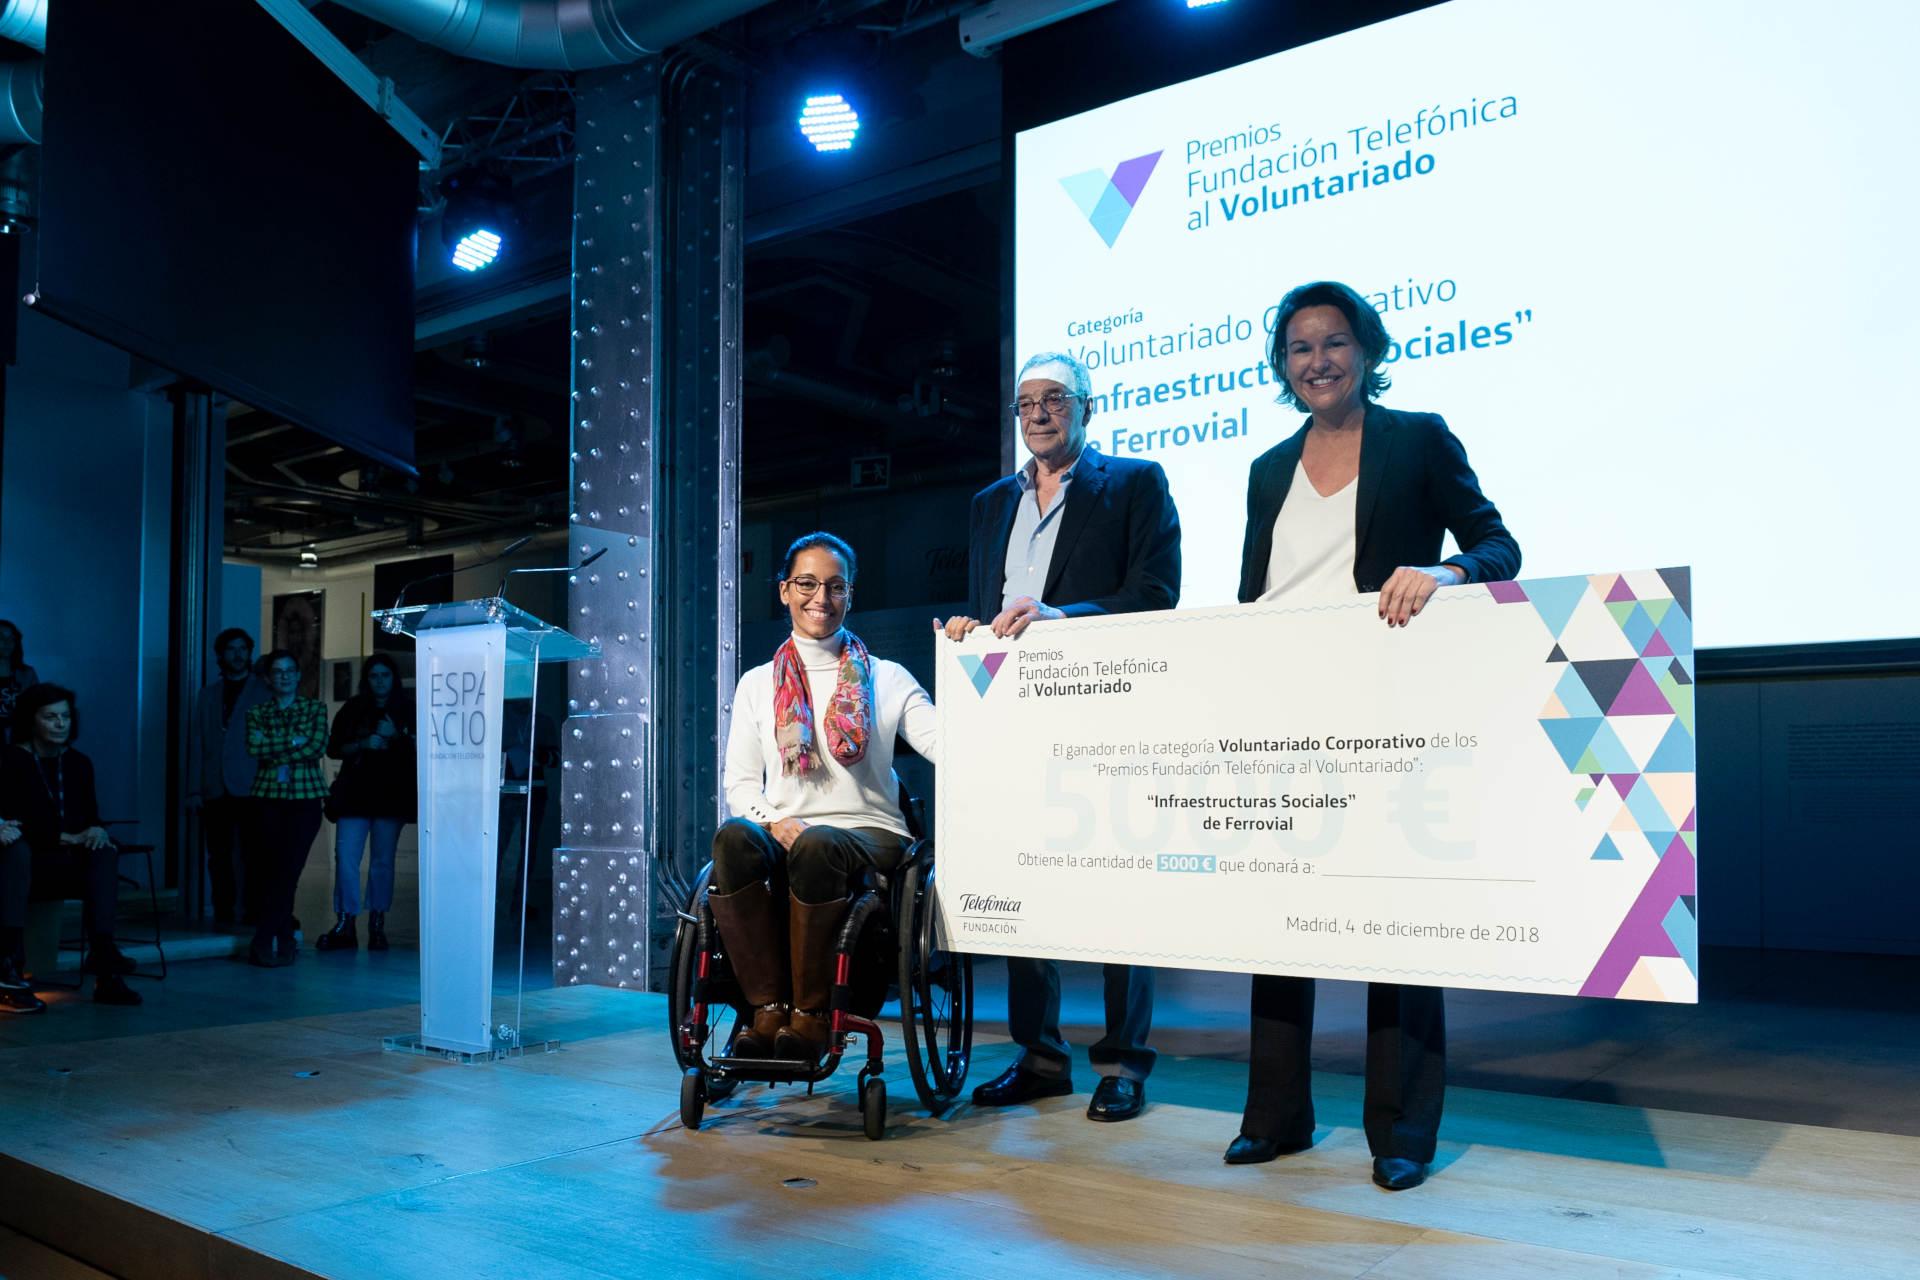 Premios Voluntariado Fundación Telefonica 2018 - Ferrovial - Infraestructuras Sociales - Voluntaraido Corporativo